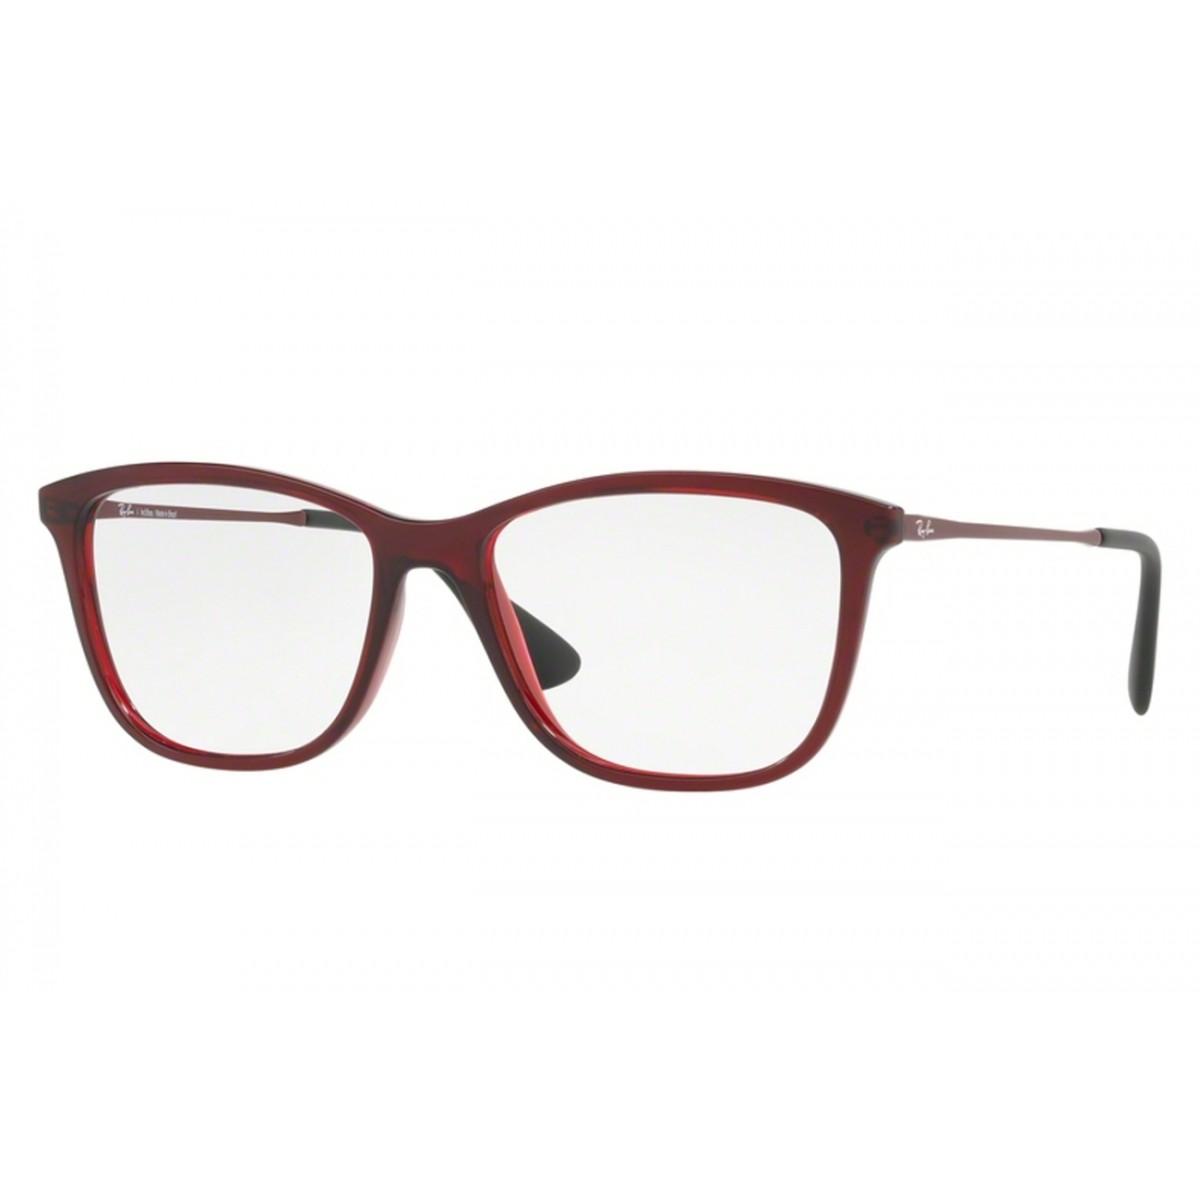 0045fa51fae2c Óculos de Grau Ray Ban Feminino RB7135L 5699 Tam.54Ray Ban ...